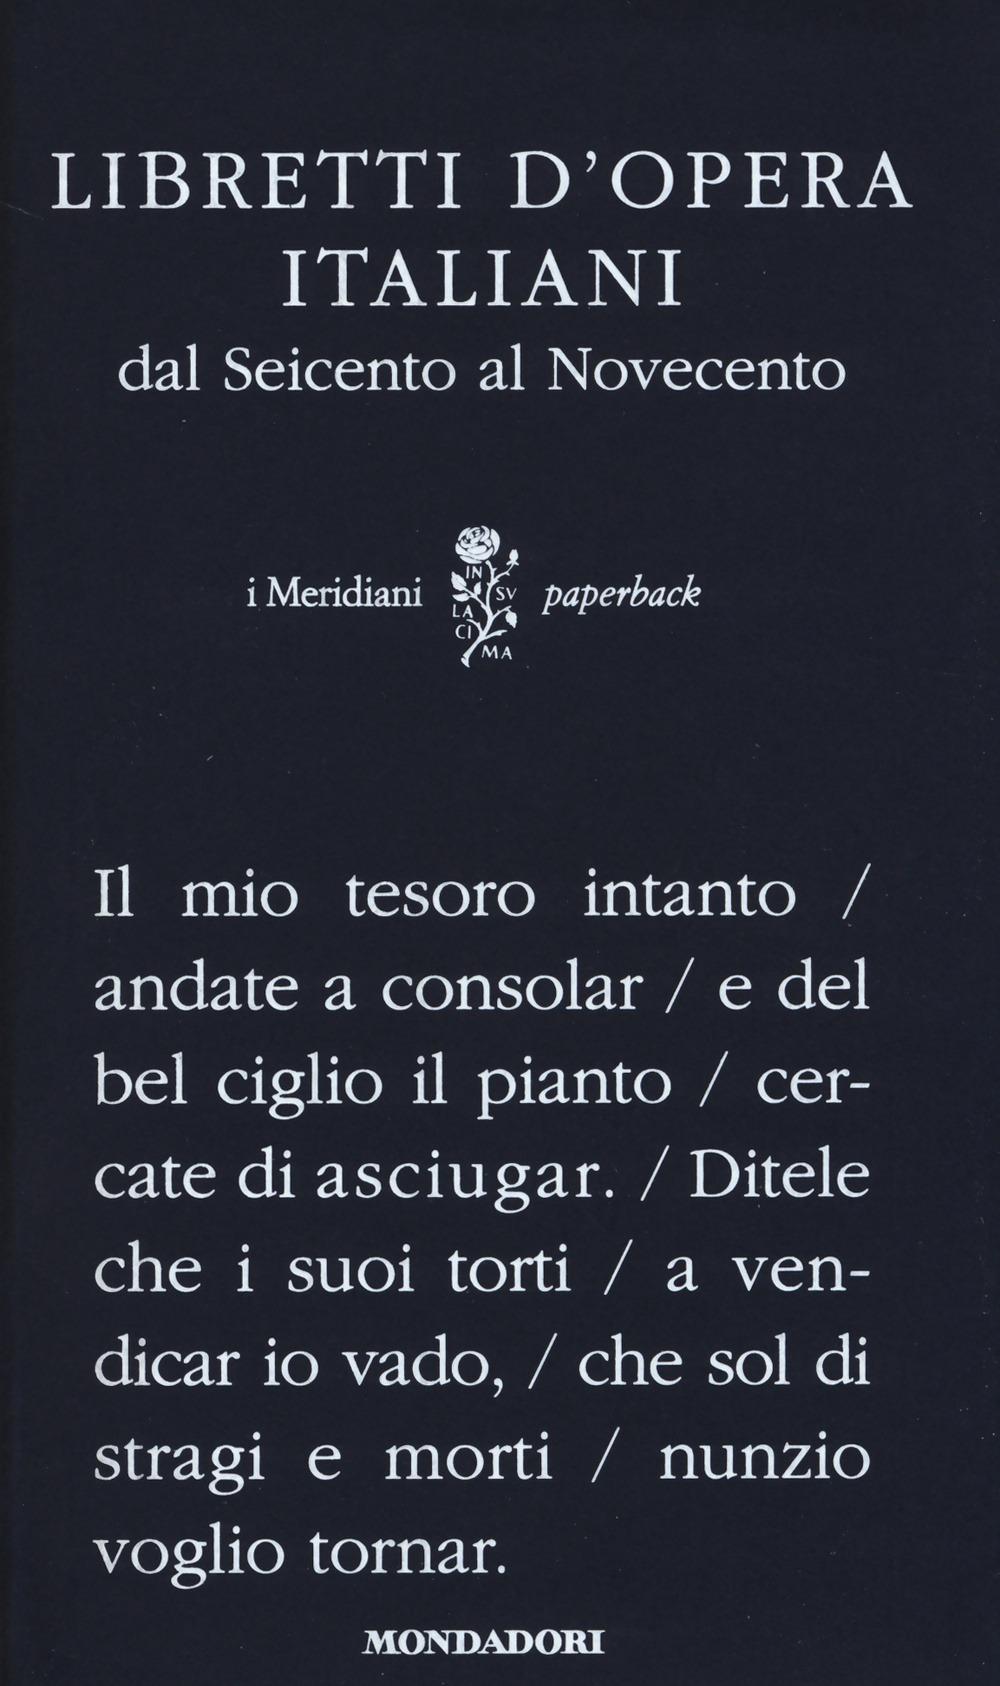 Image of Libretti d'opera italiani dal Seicento al Novecento